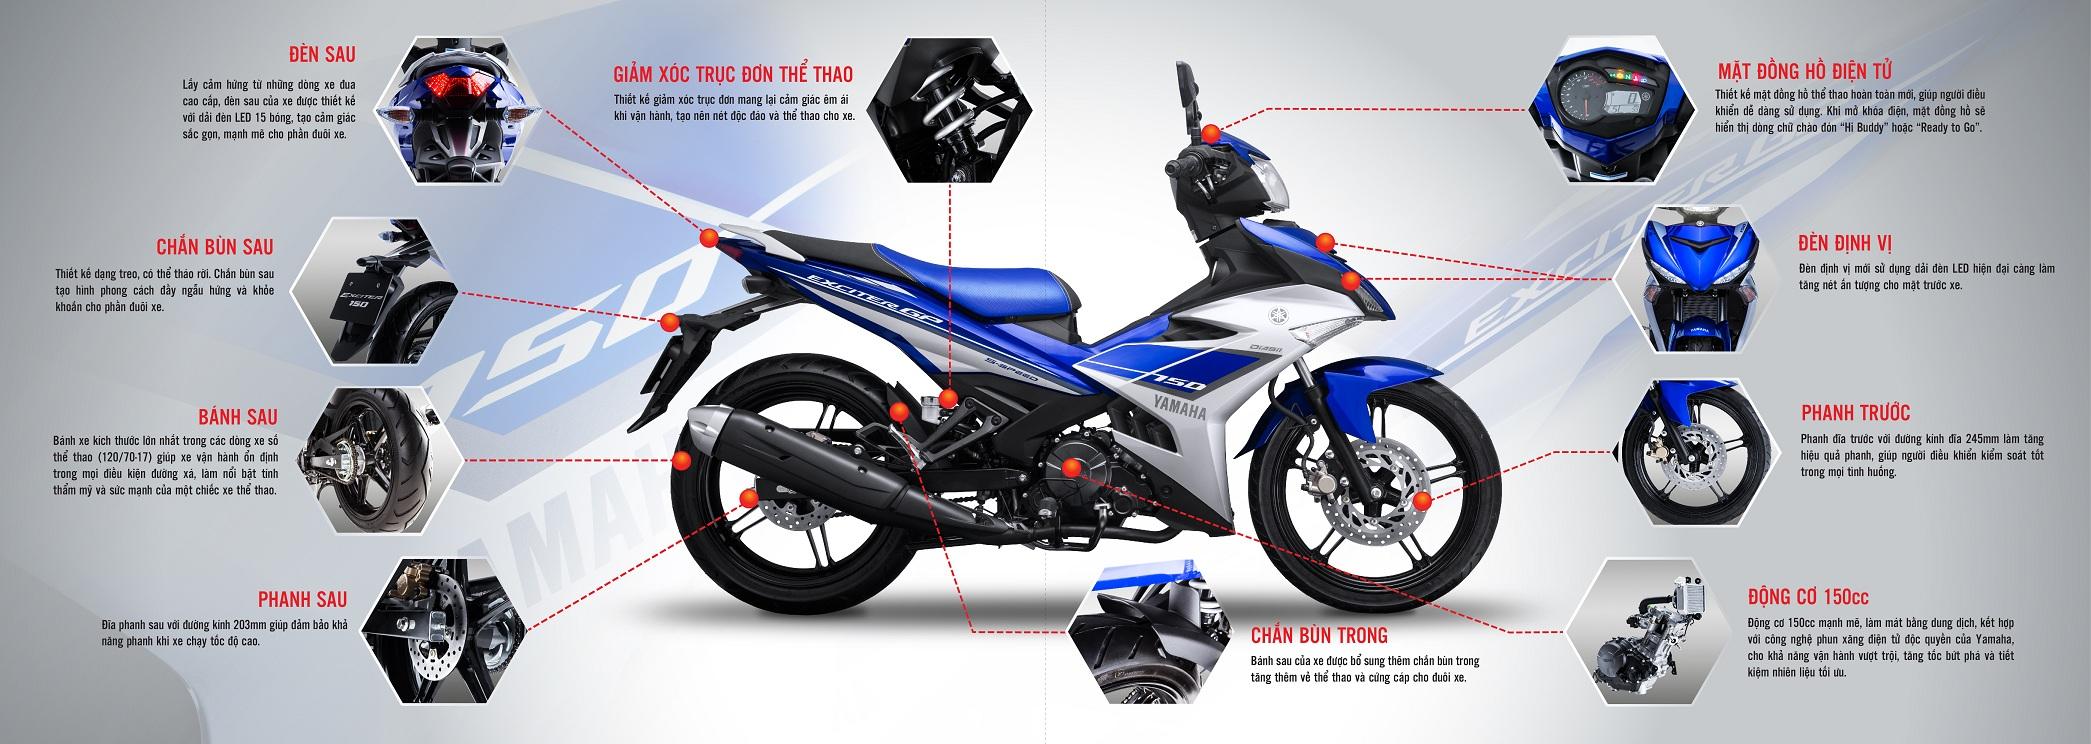 Catalogue Exciter 4 5 012 20141224 14125658 Đánh giá xe Yamaha Exciter 150 2016 về ưu nhược điểm & hình ảnh